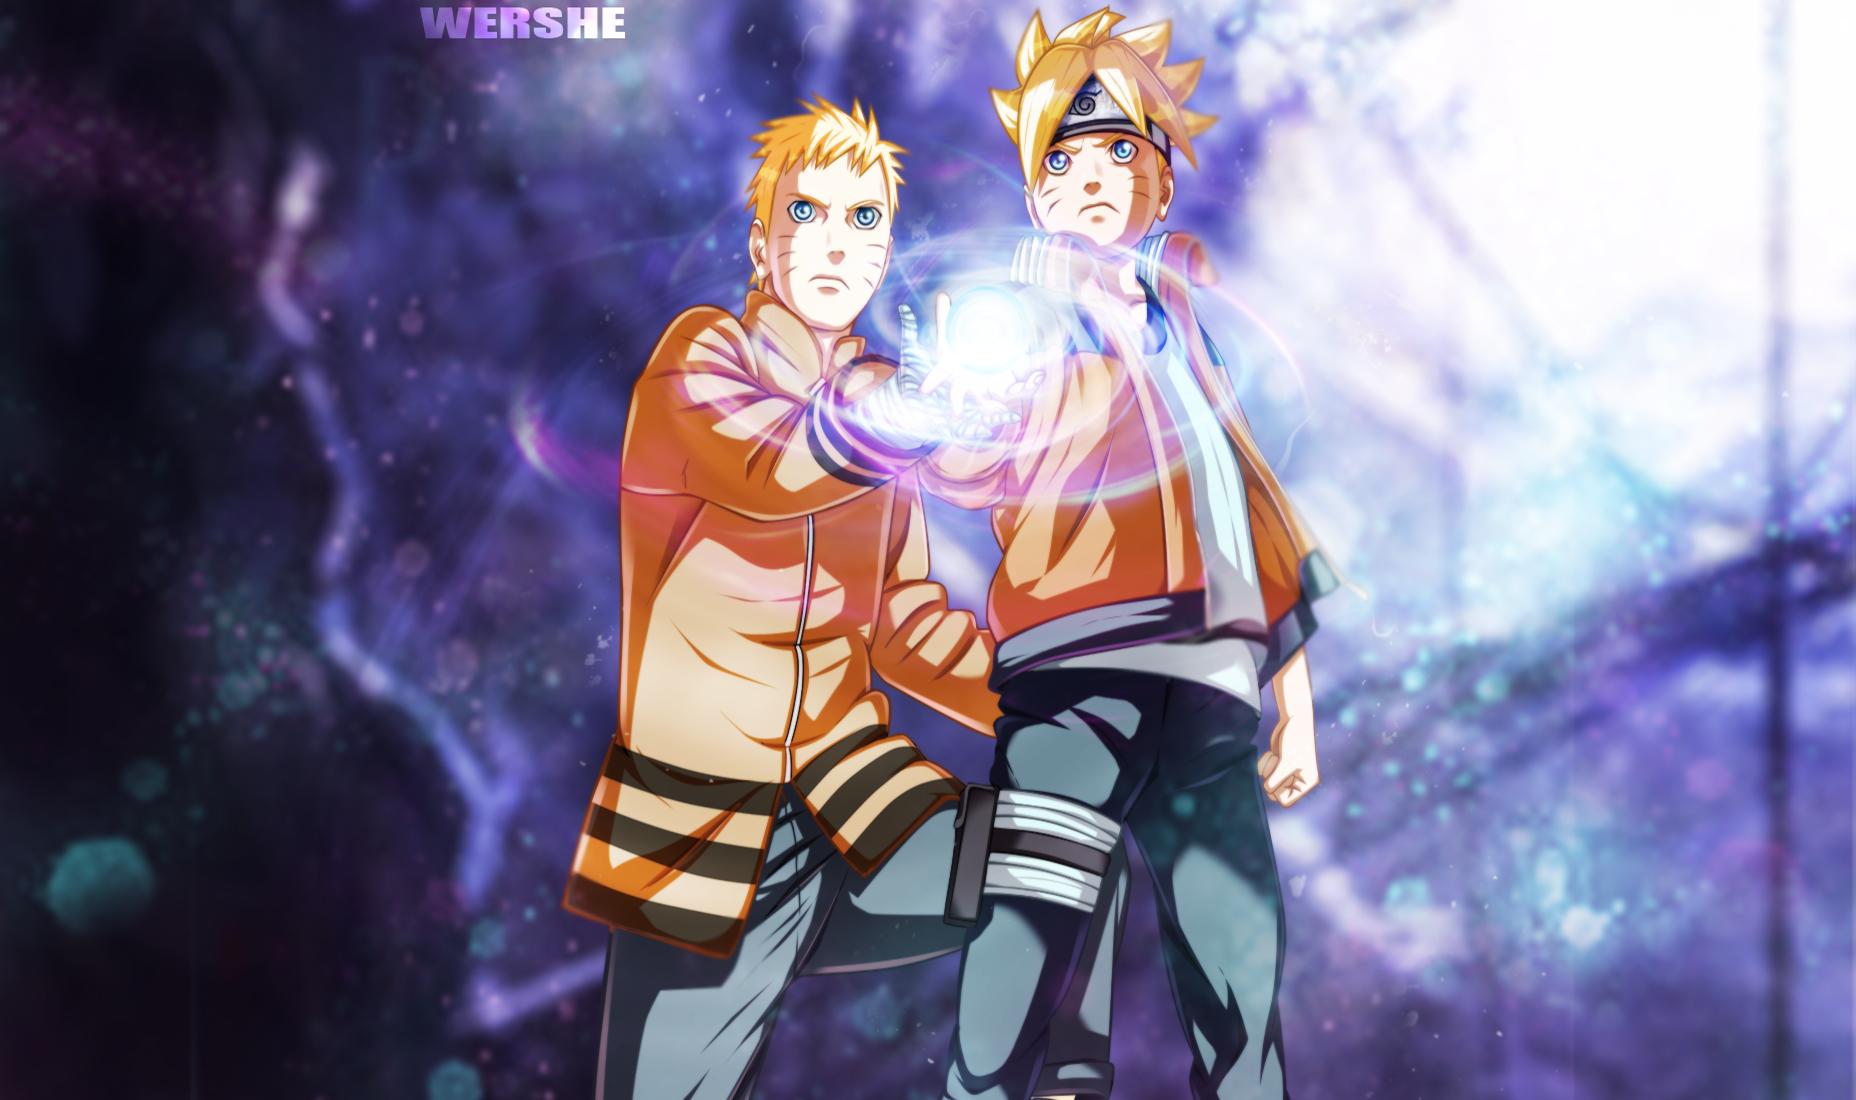 Naruto The Movie Naruto Naruto Uzumaki Boruto Uzumaki Wallpaper 1856x1100